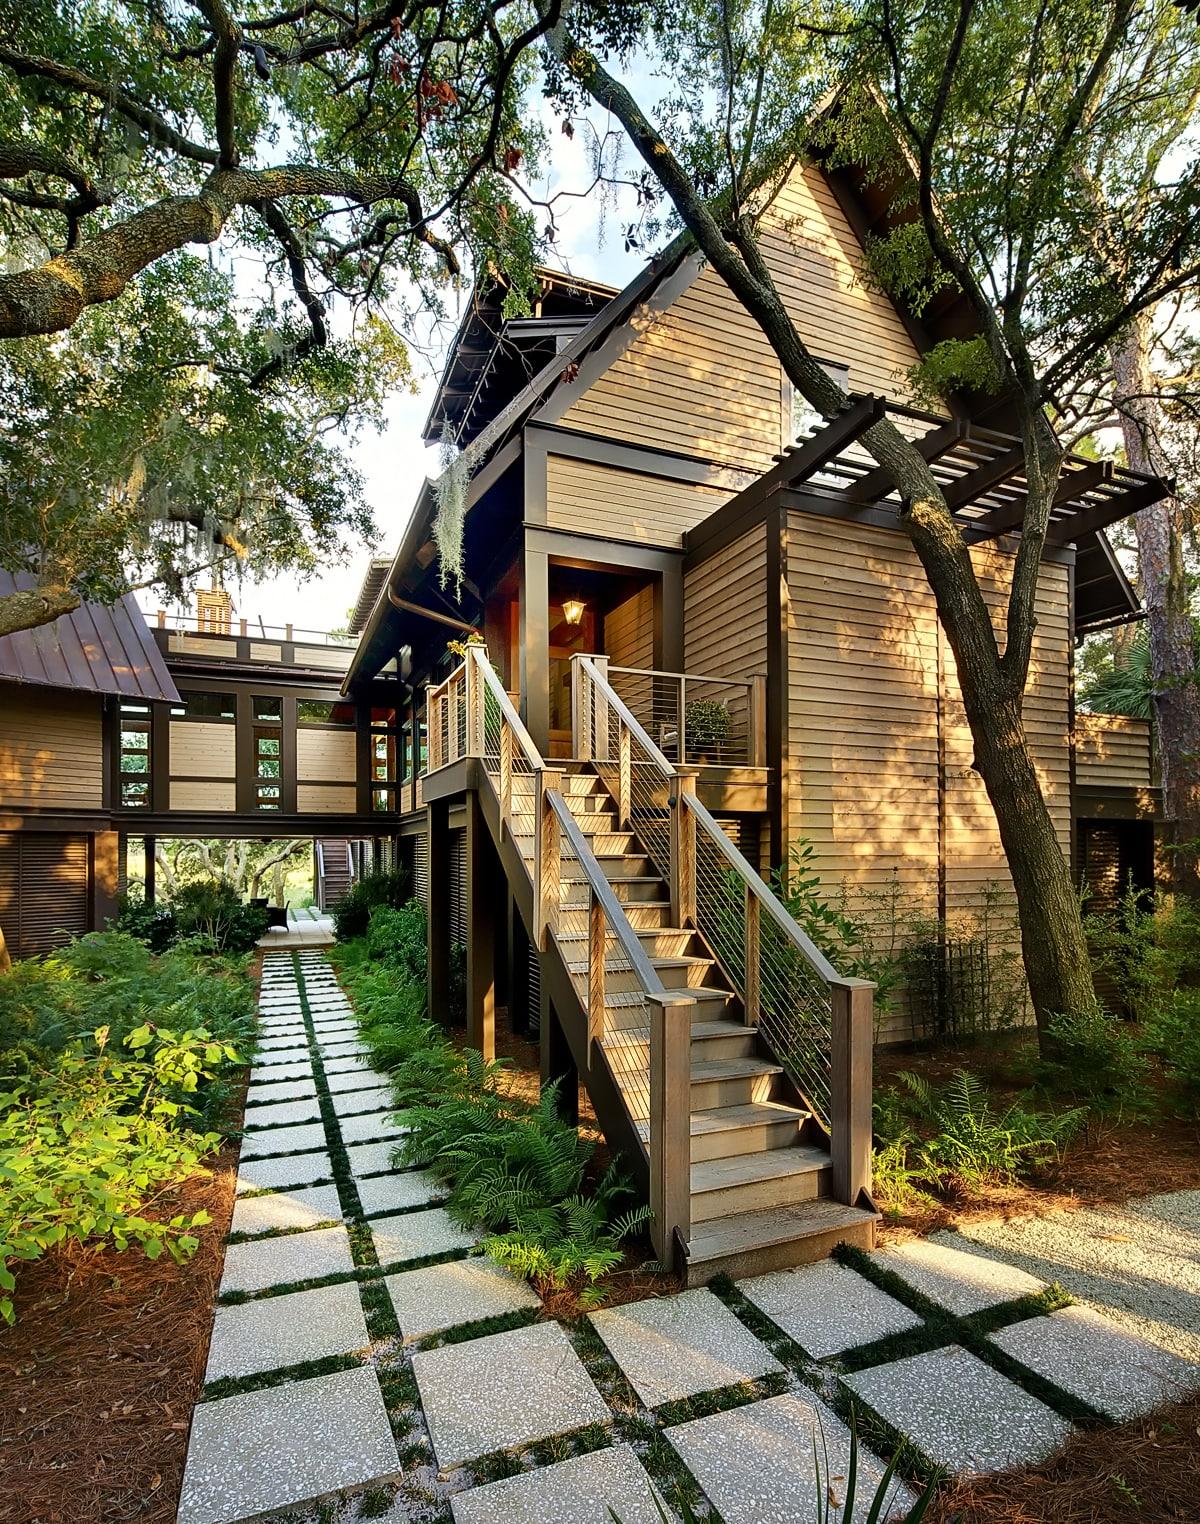 4. Treehouse-min